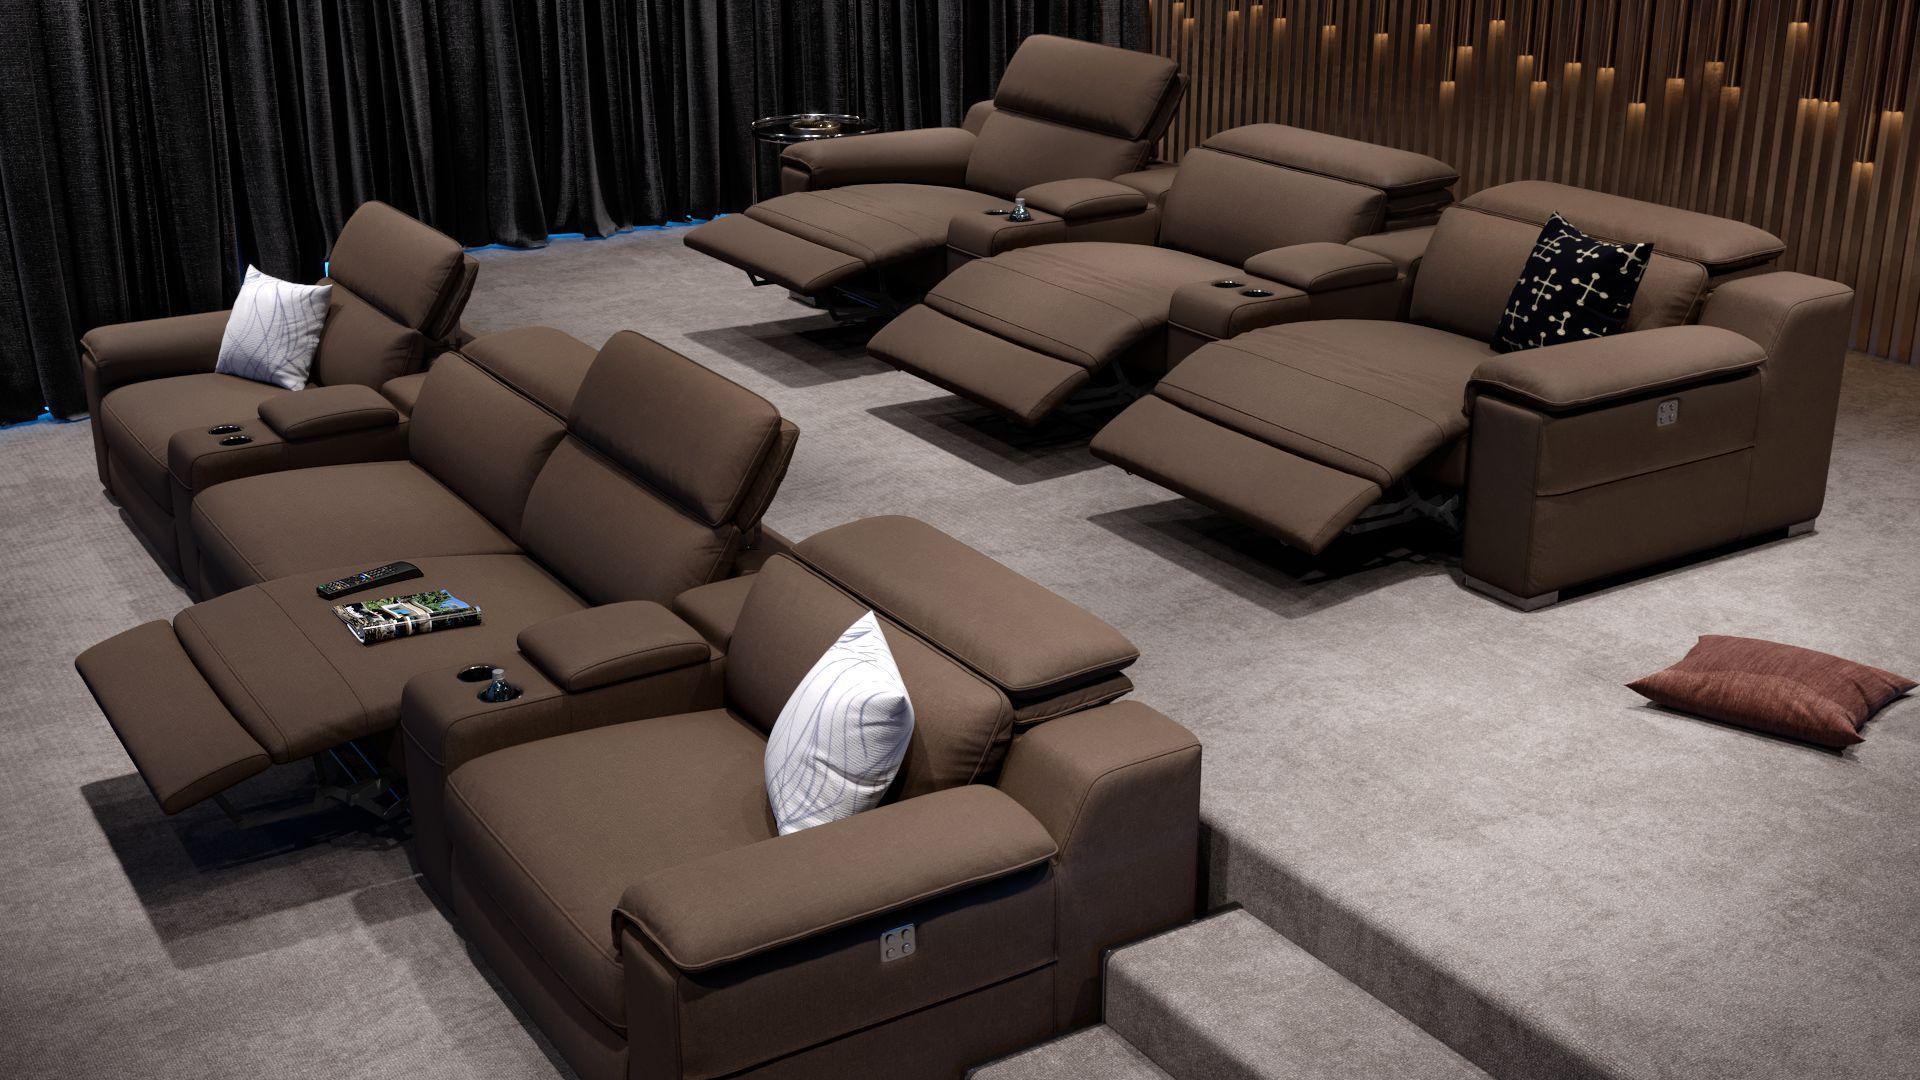 Full Size of Sofa Elektrisch Mein Ist Geladen Statisch Aufgeladen Was Tun Couch Was Elektrische Relaxfunktion Leder Sitztiefenverstellung Elektrischer Sitzvorzug Aufgeladen Sofa Sofa Elektrisch